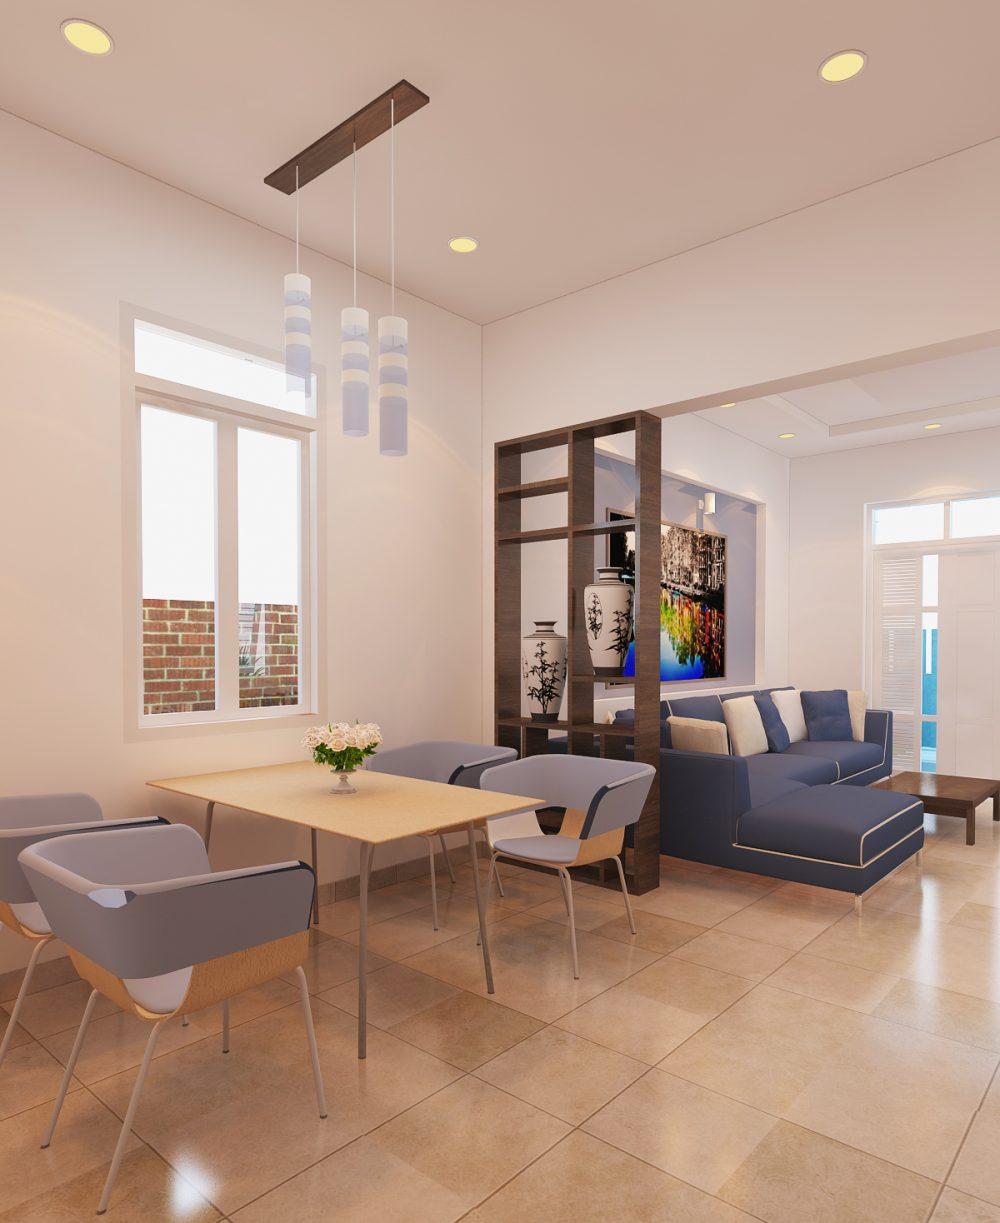 Phòng khách của mẫu nhà 2 phòng ngủ 1 phòng khách mang nét đẹp nhẹ nhàng, ấm cúng, sang trọng